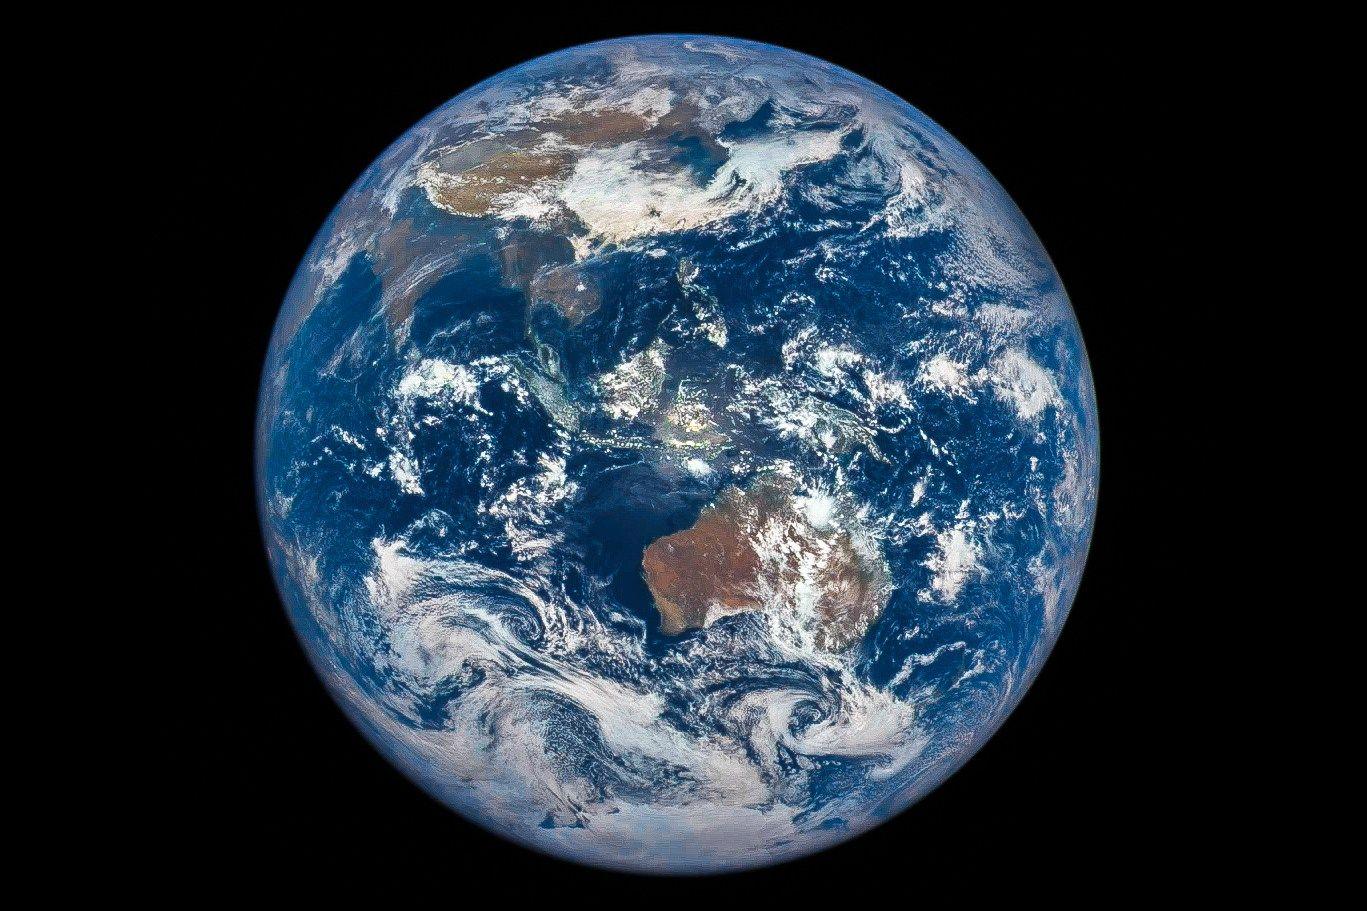 隕石家族ネタバレ!地球は崩壊しない?原作と最終回結末は?